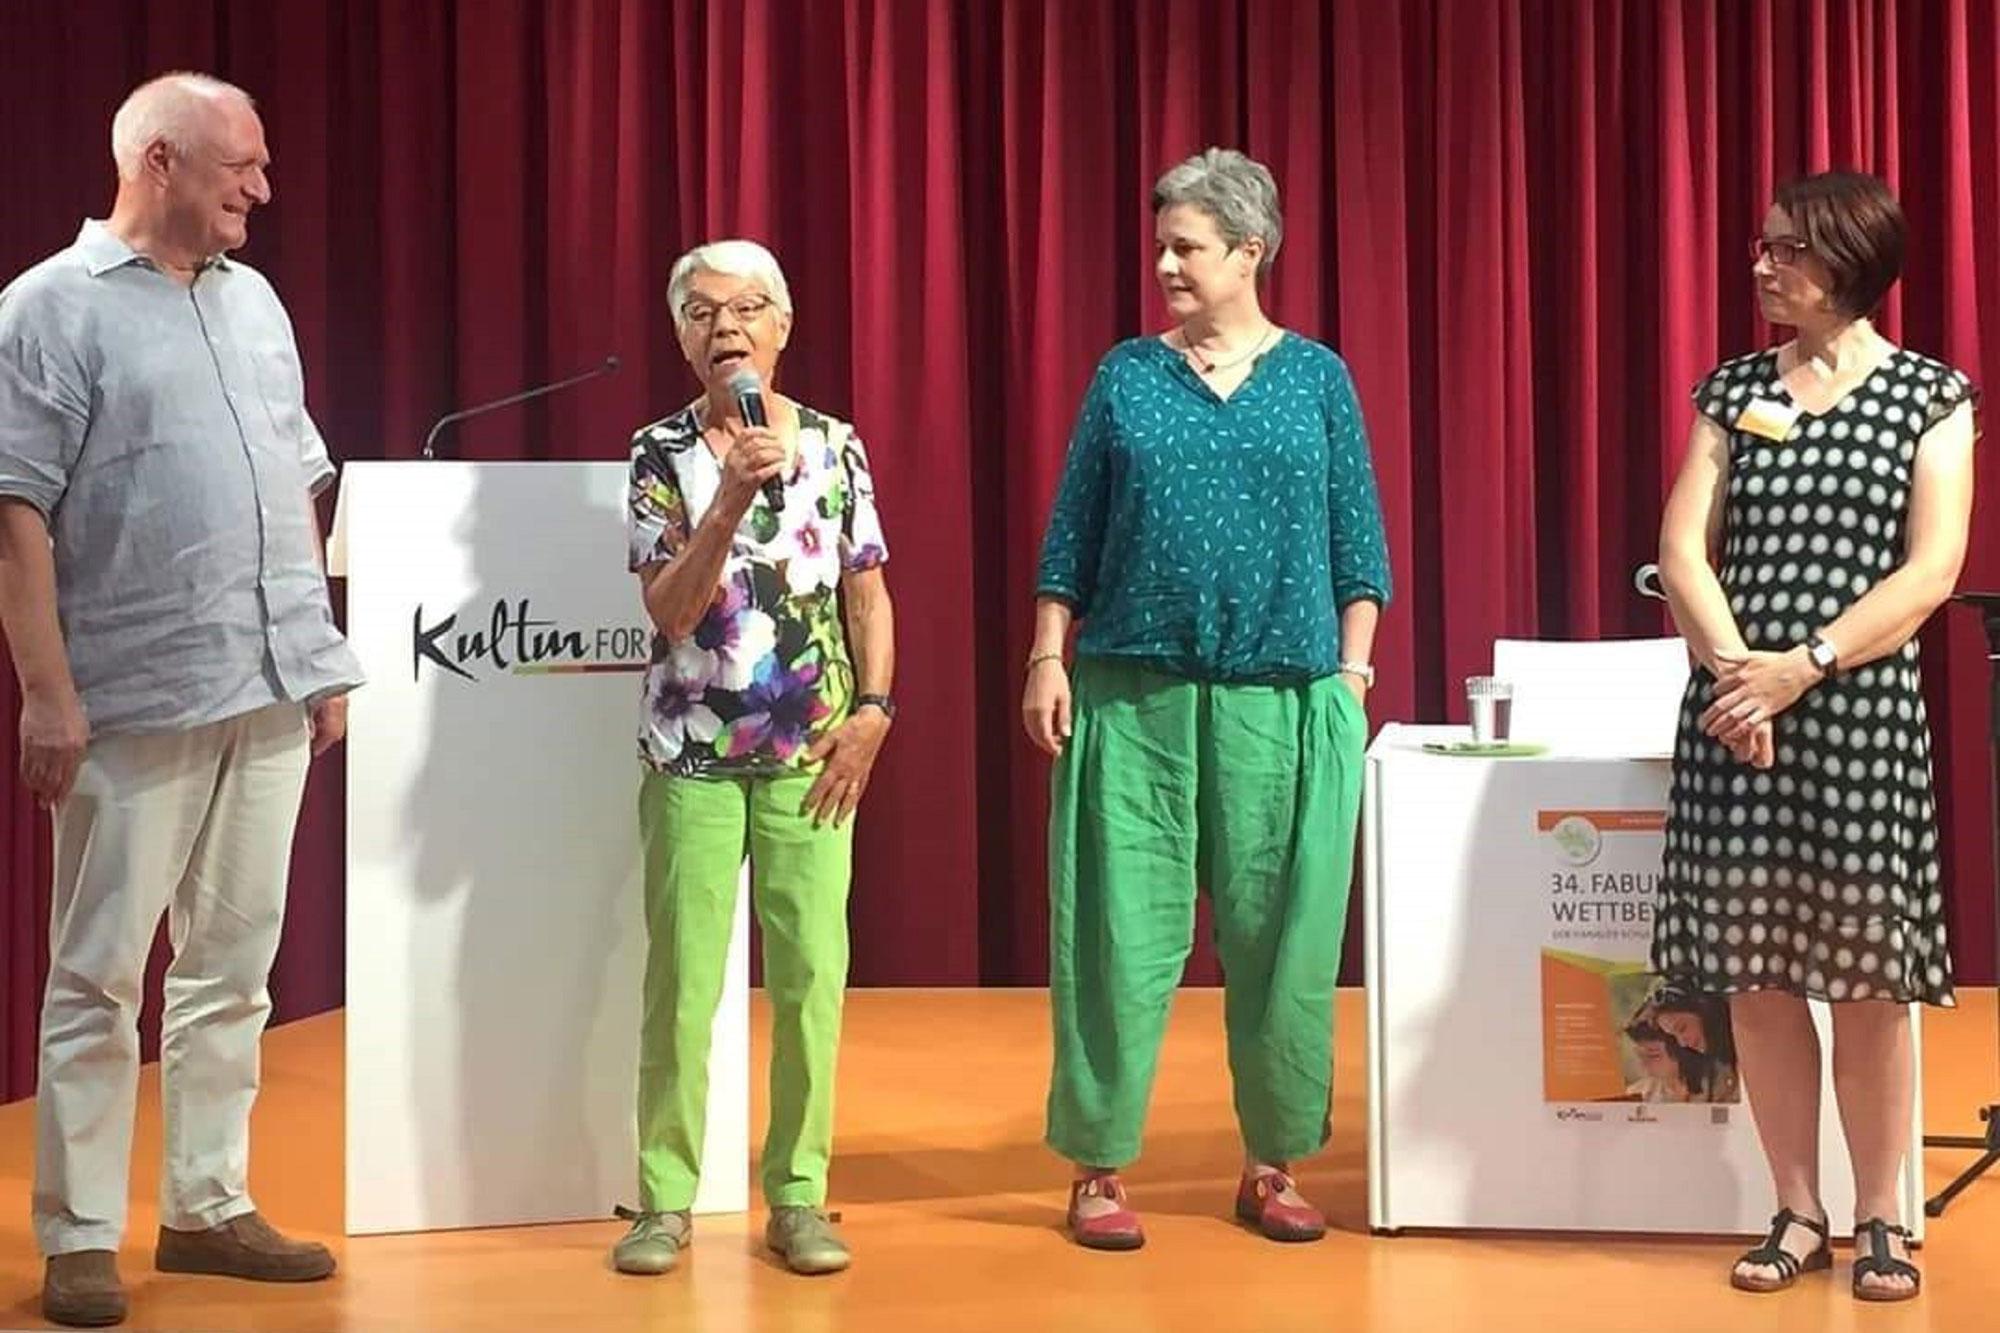 Die Juroren Heinz Armbrüster, Christine Theobald und Jutta Wilke und Susanne Buschbeck, Leiterin der Kinderbibliothek. (Foto: Stadt Hanau)